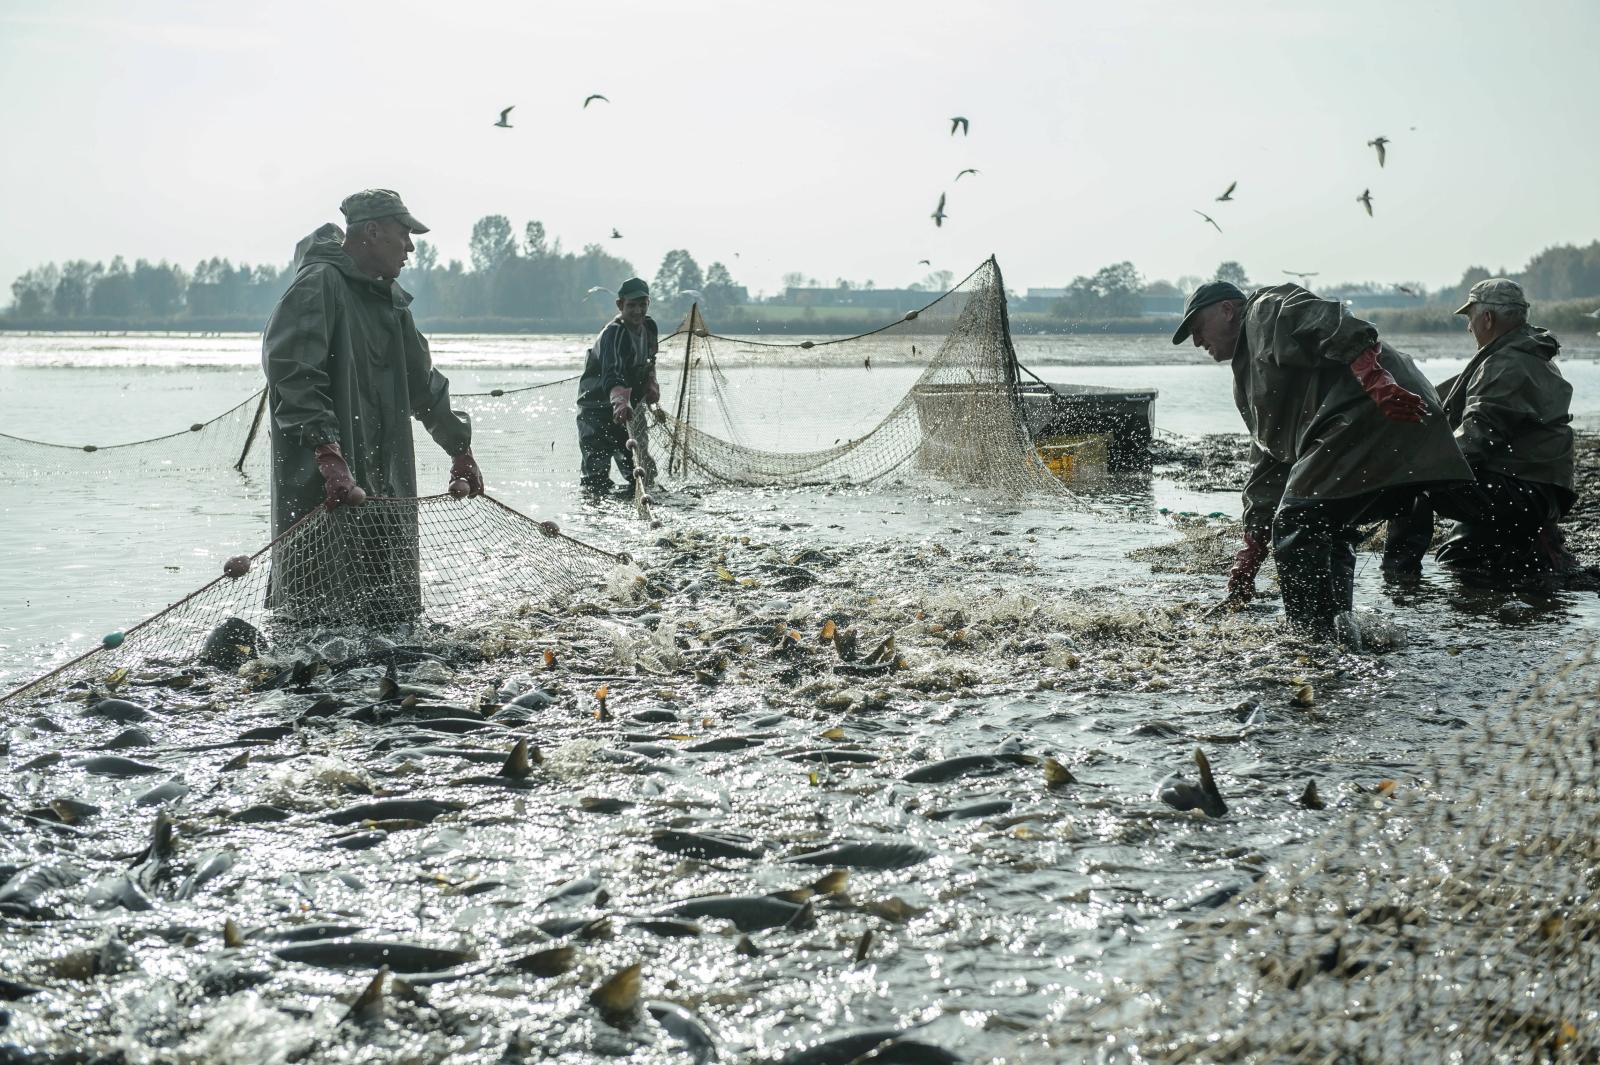 Jesienne odłowy ryb w stawach hodowlanych w Siemieniu, 18 bm. Odłowiona, posegregowana ryba trafi do magazynów, a w grudniu na świąteczne stoły.